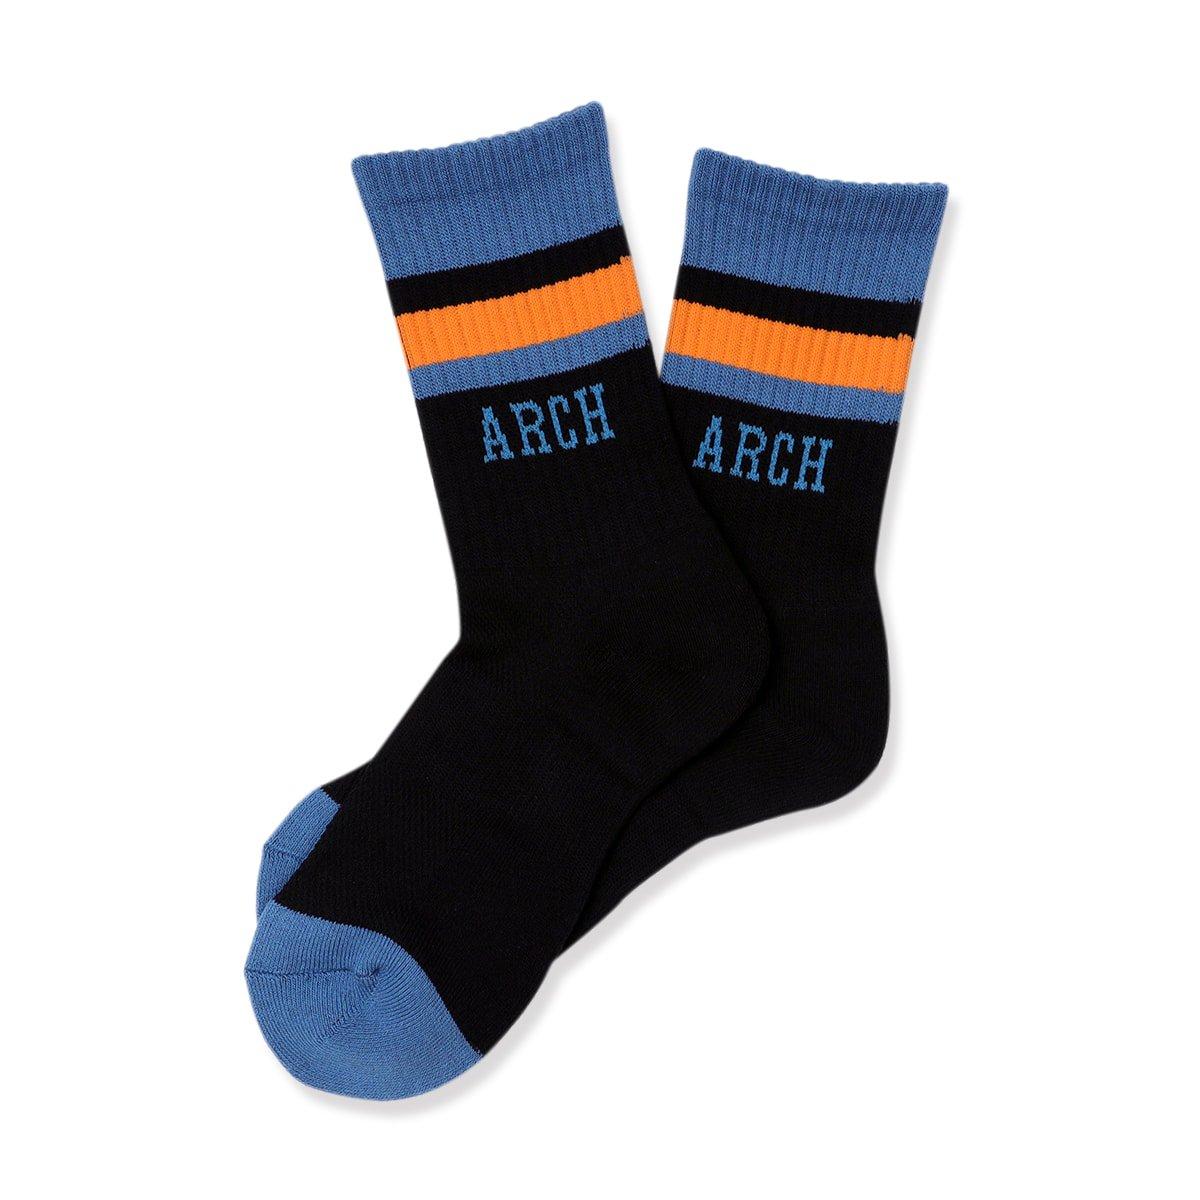 TL sport crew mid. socks【black/dark blue】